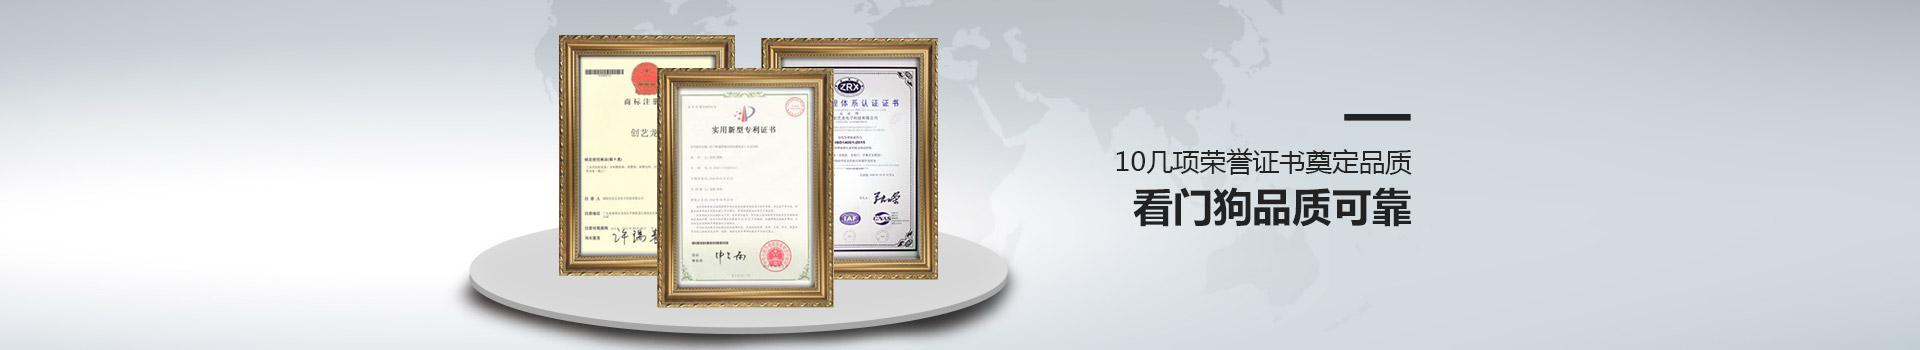 10几项荣誉证书奠定品质,看门狗品质可靠